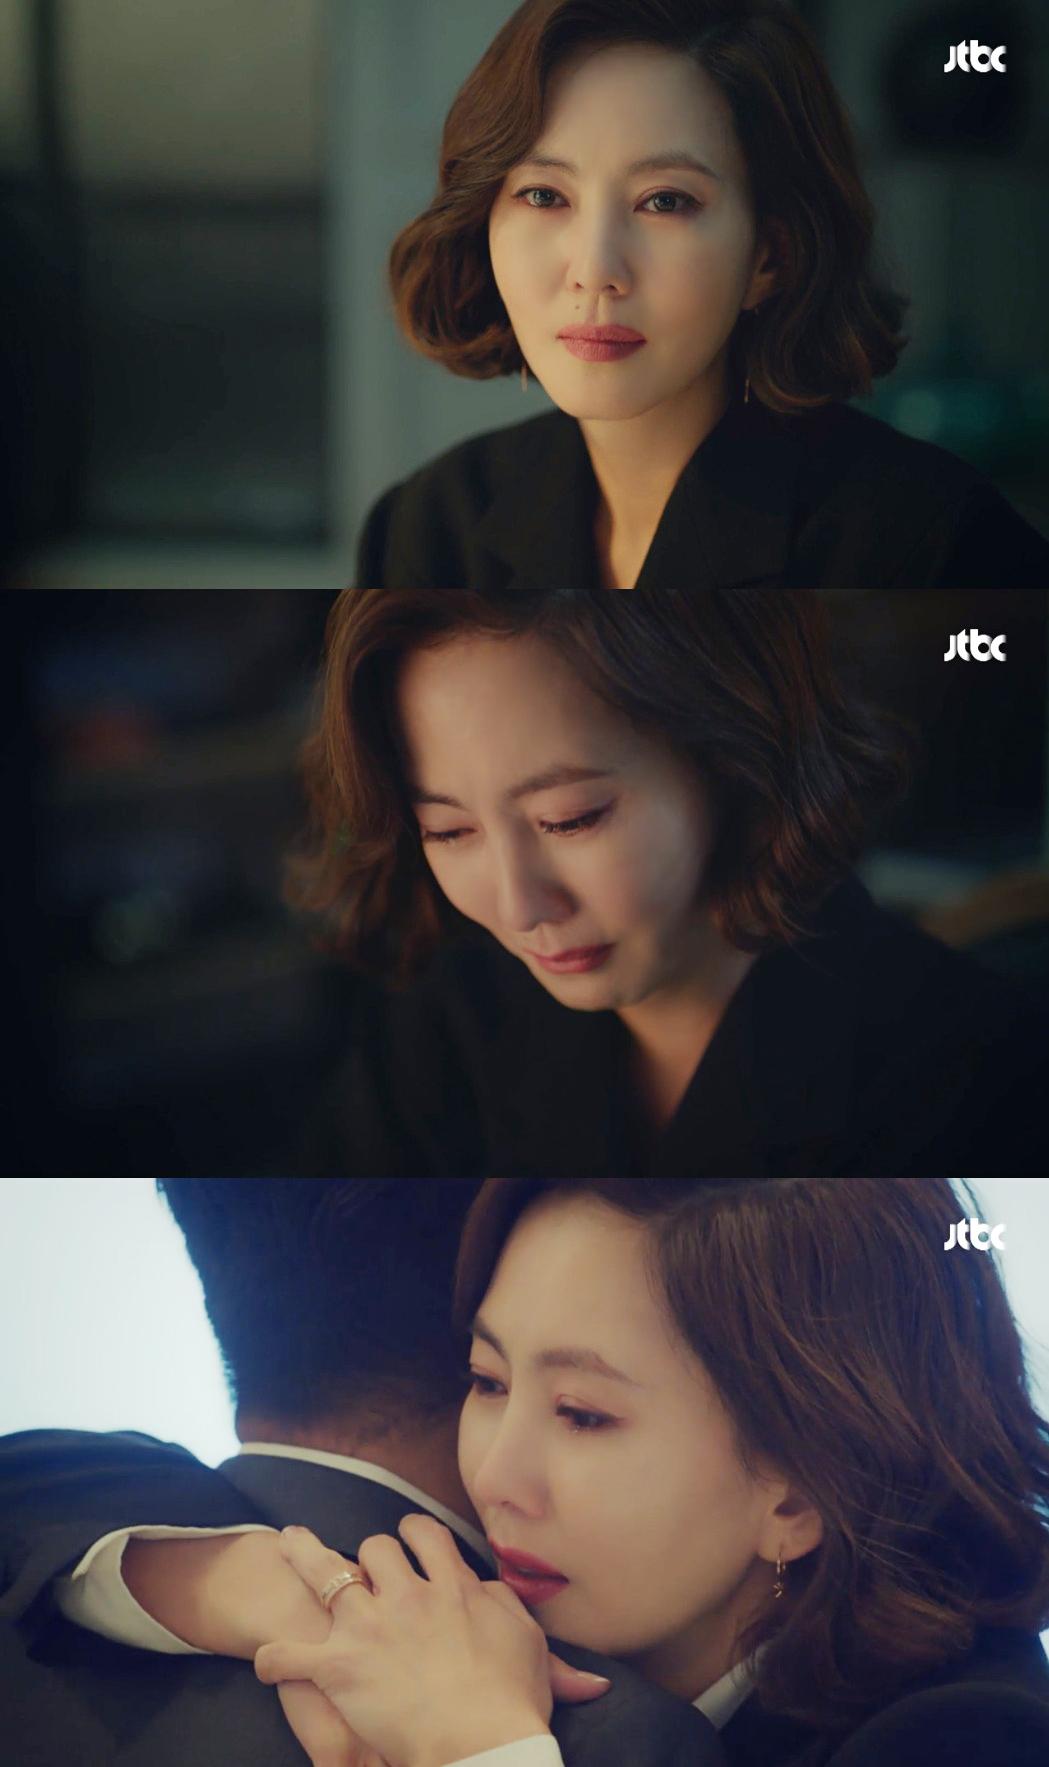 """'미스티' 김남주, """"널 사랑하는 것 같아"""" 달라지는 모습으로 명품 어른 멜로 완성"""